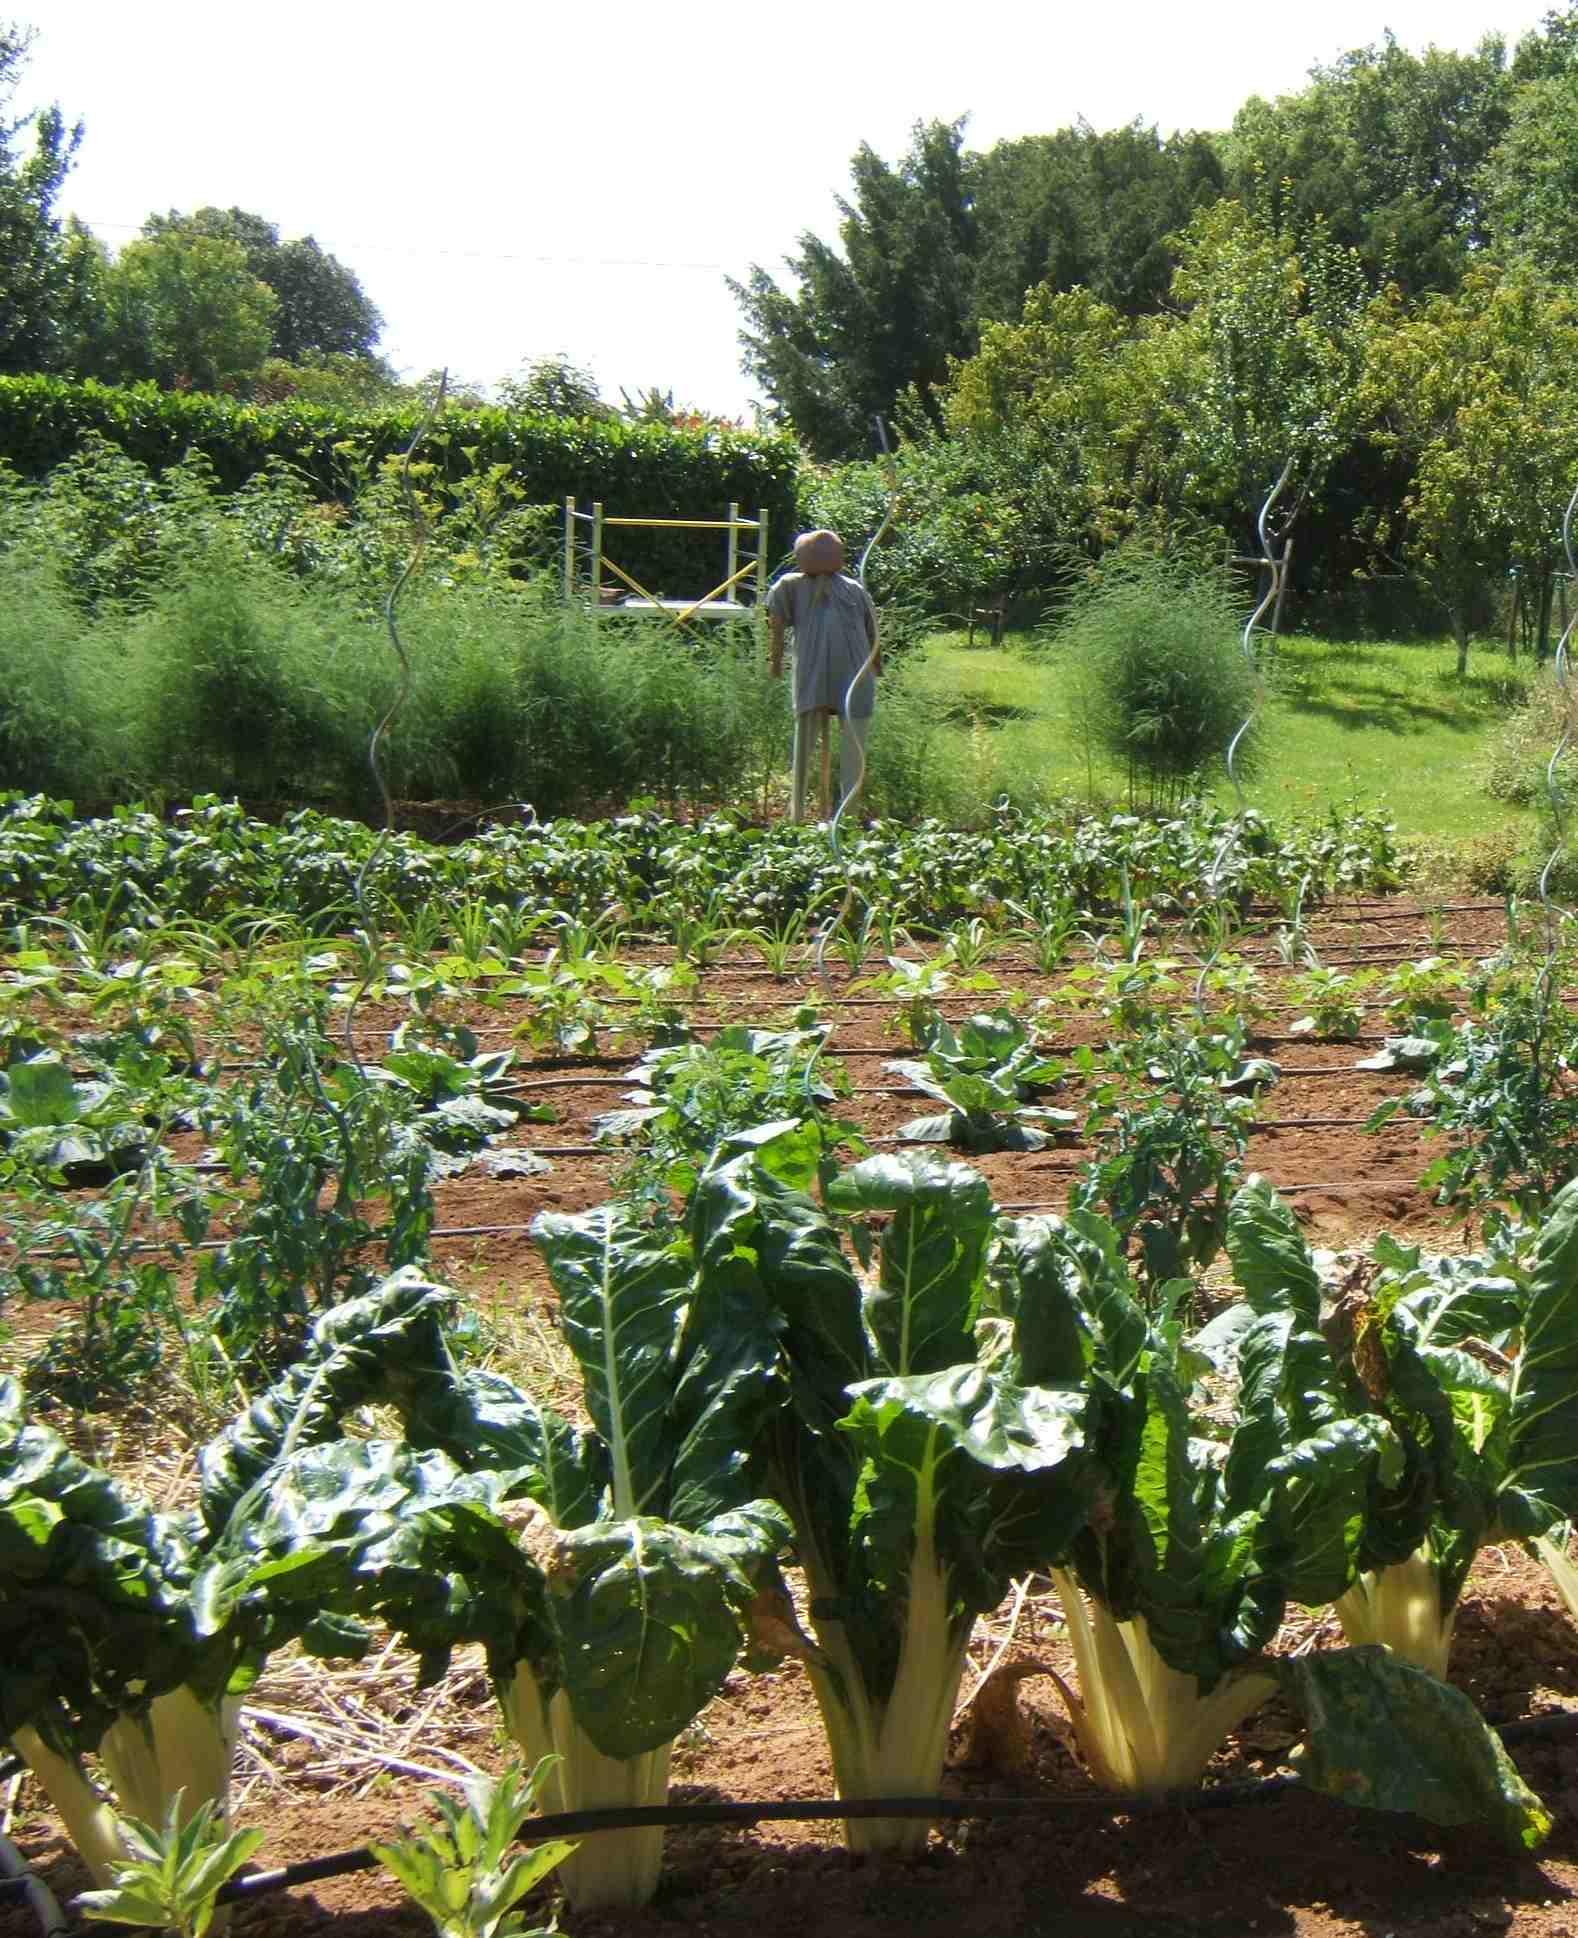 Laur at 2013 le jardin de bernard patry pisany 17 for Au jardin des sans pourquoi